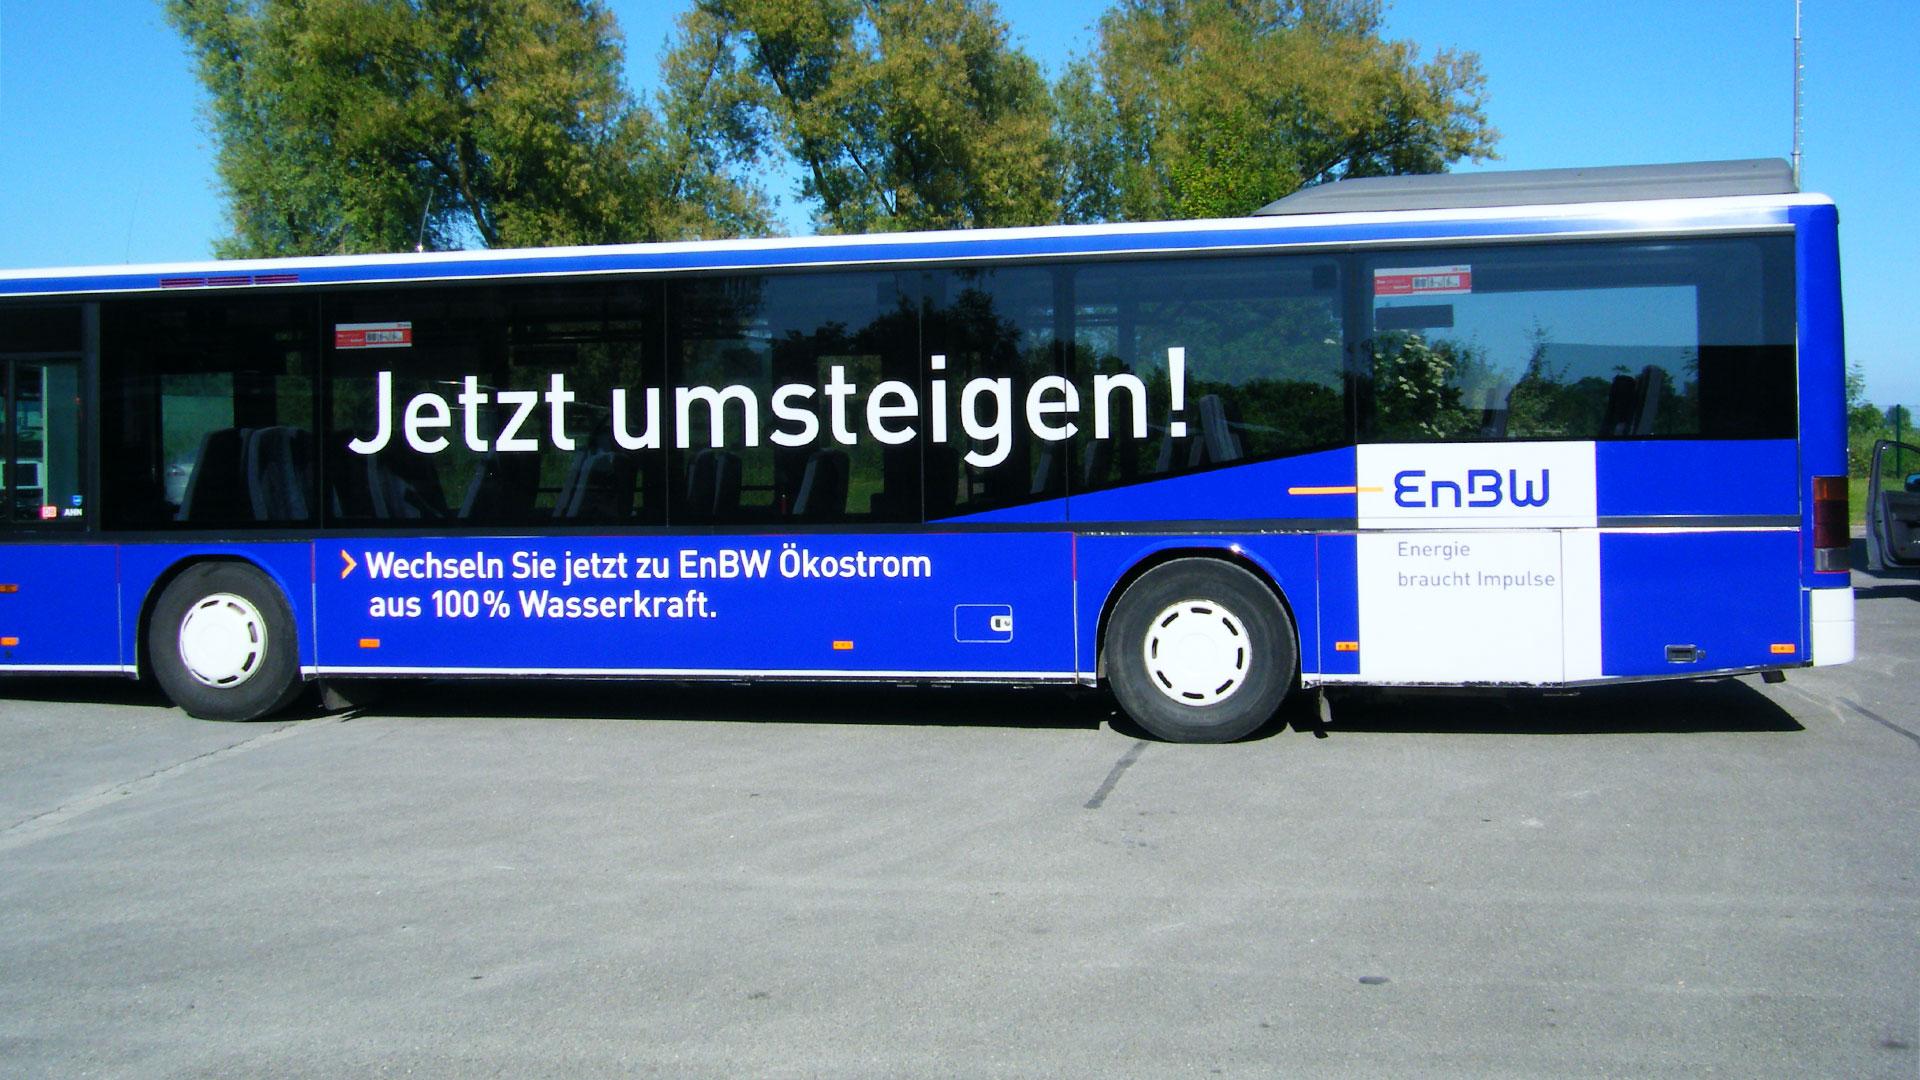 Buswerbung Friedrichshafen